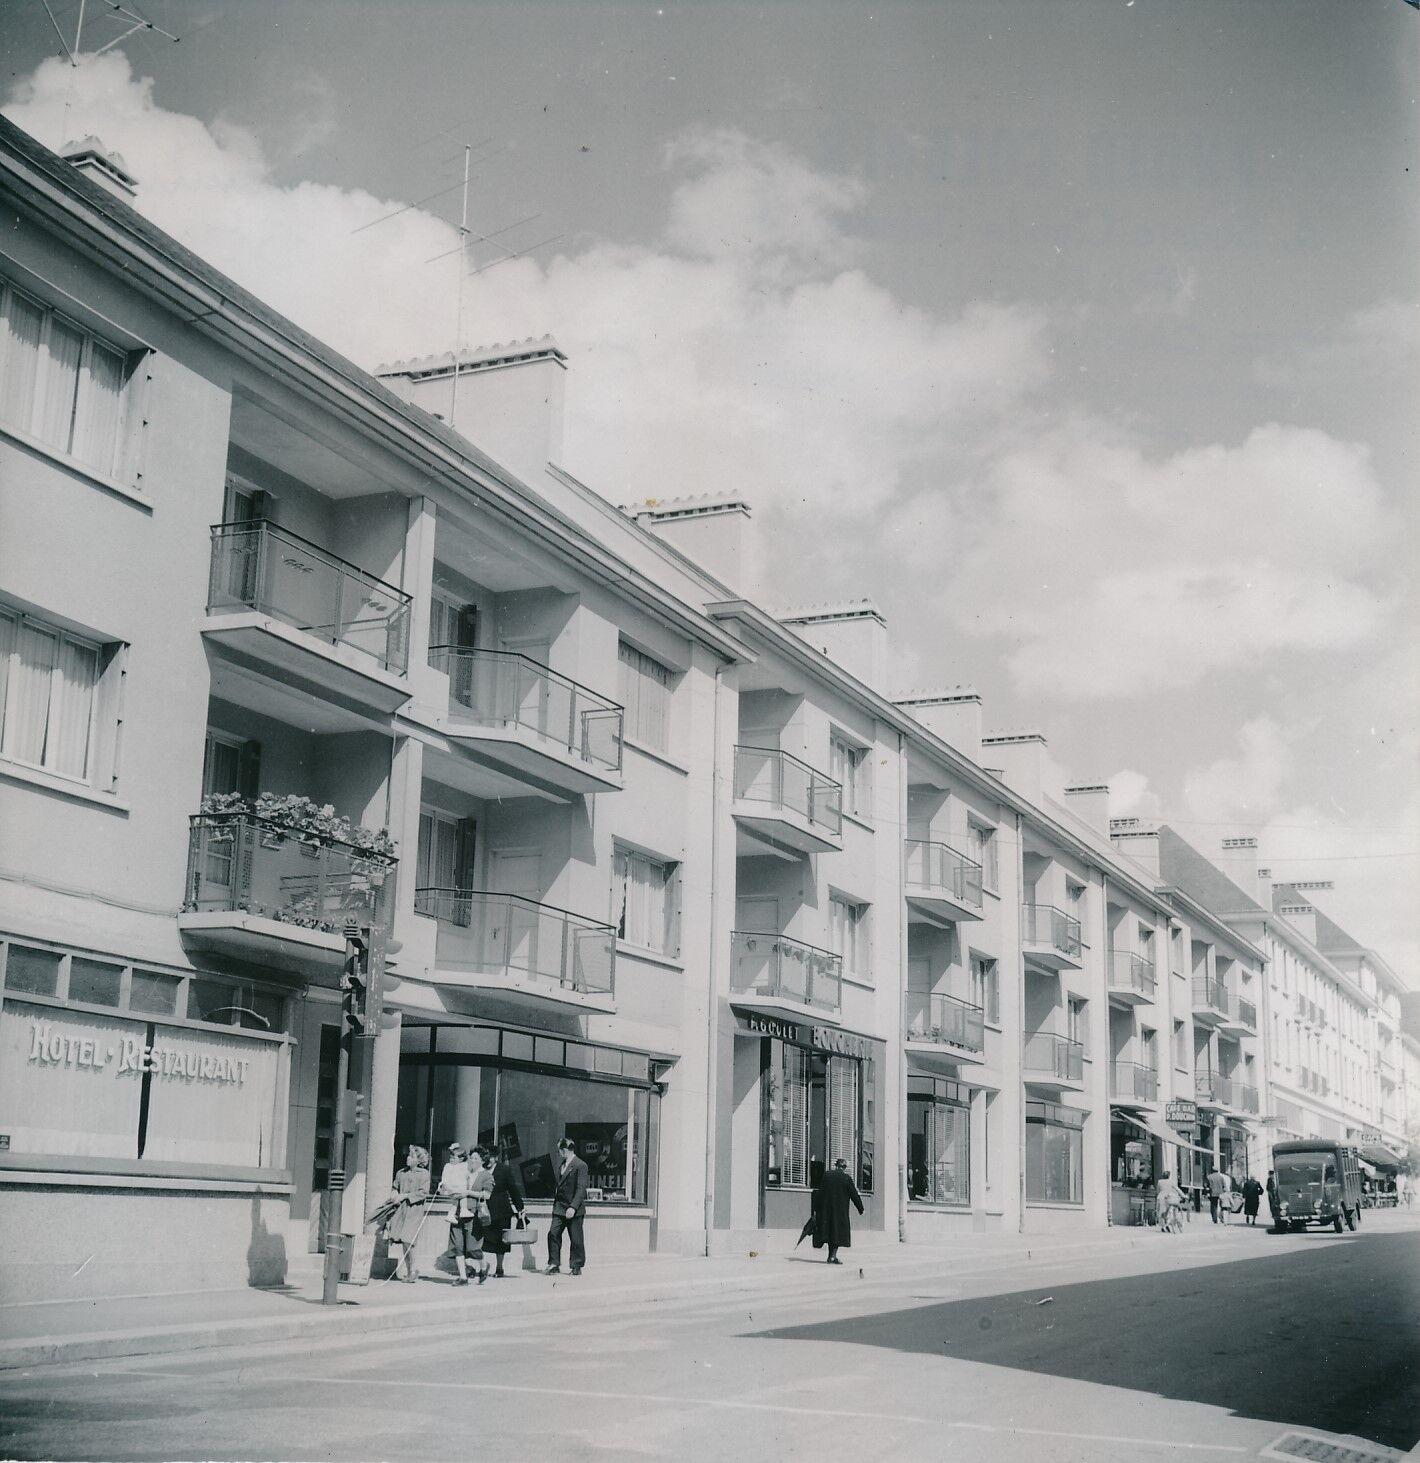 SAINT-LÔ c. 1950 - Immeubles Rue Commerçante  Manche  - Div 787